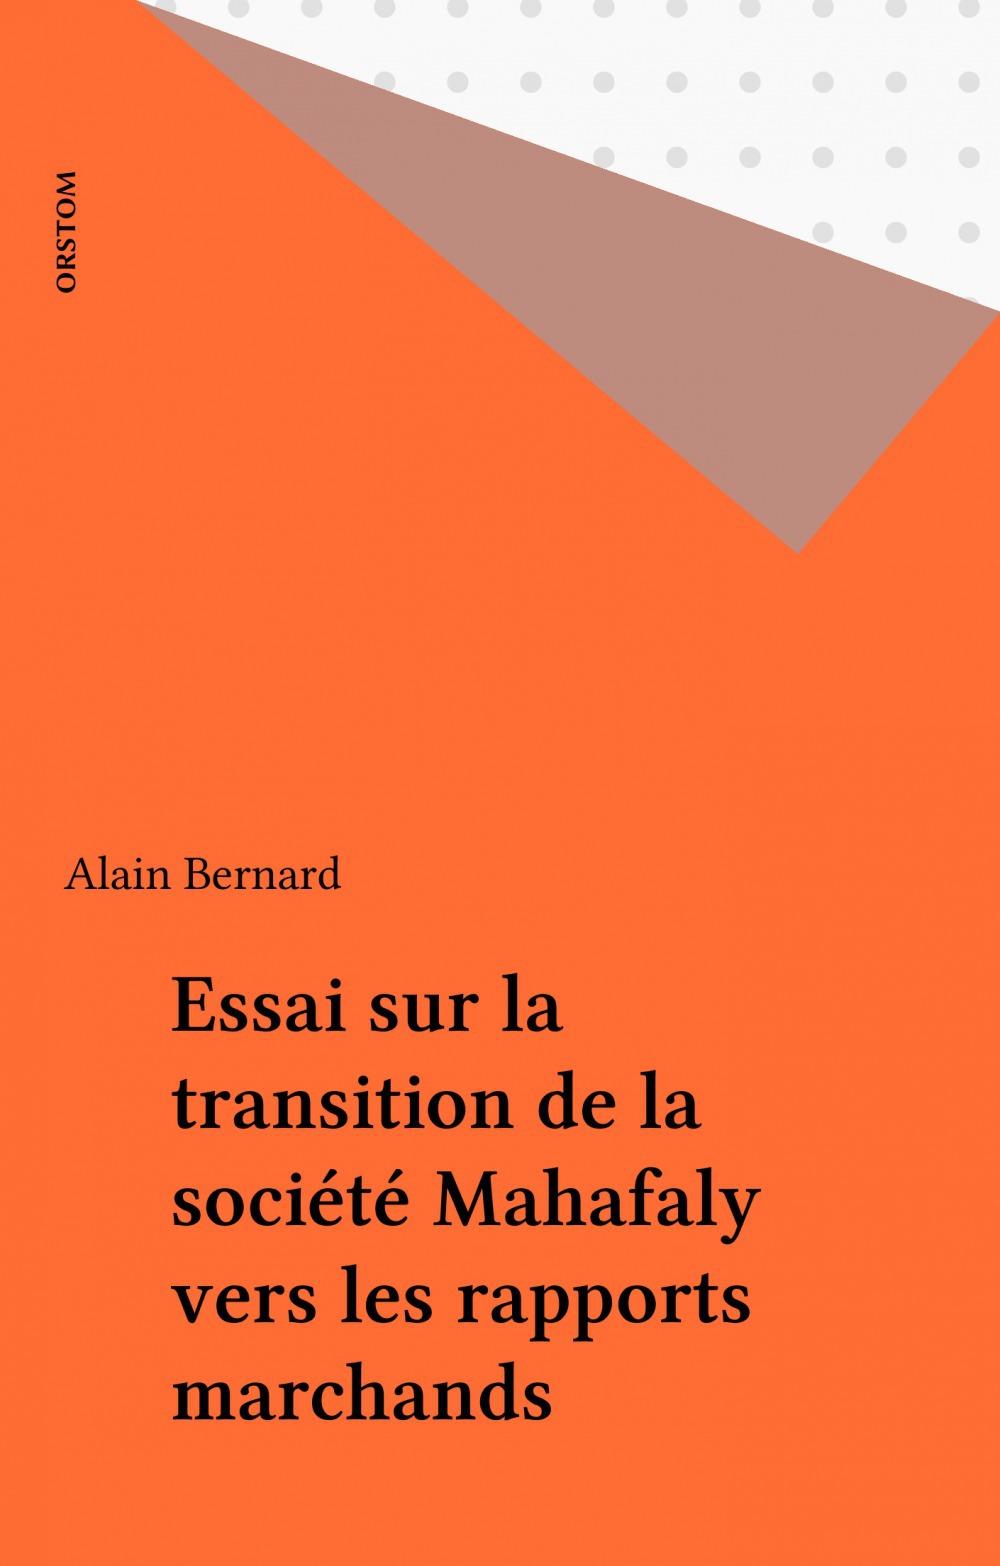 Essai de la transition de la societe mahafaly